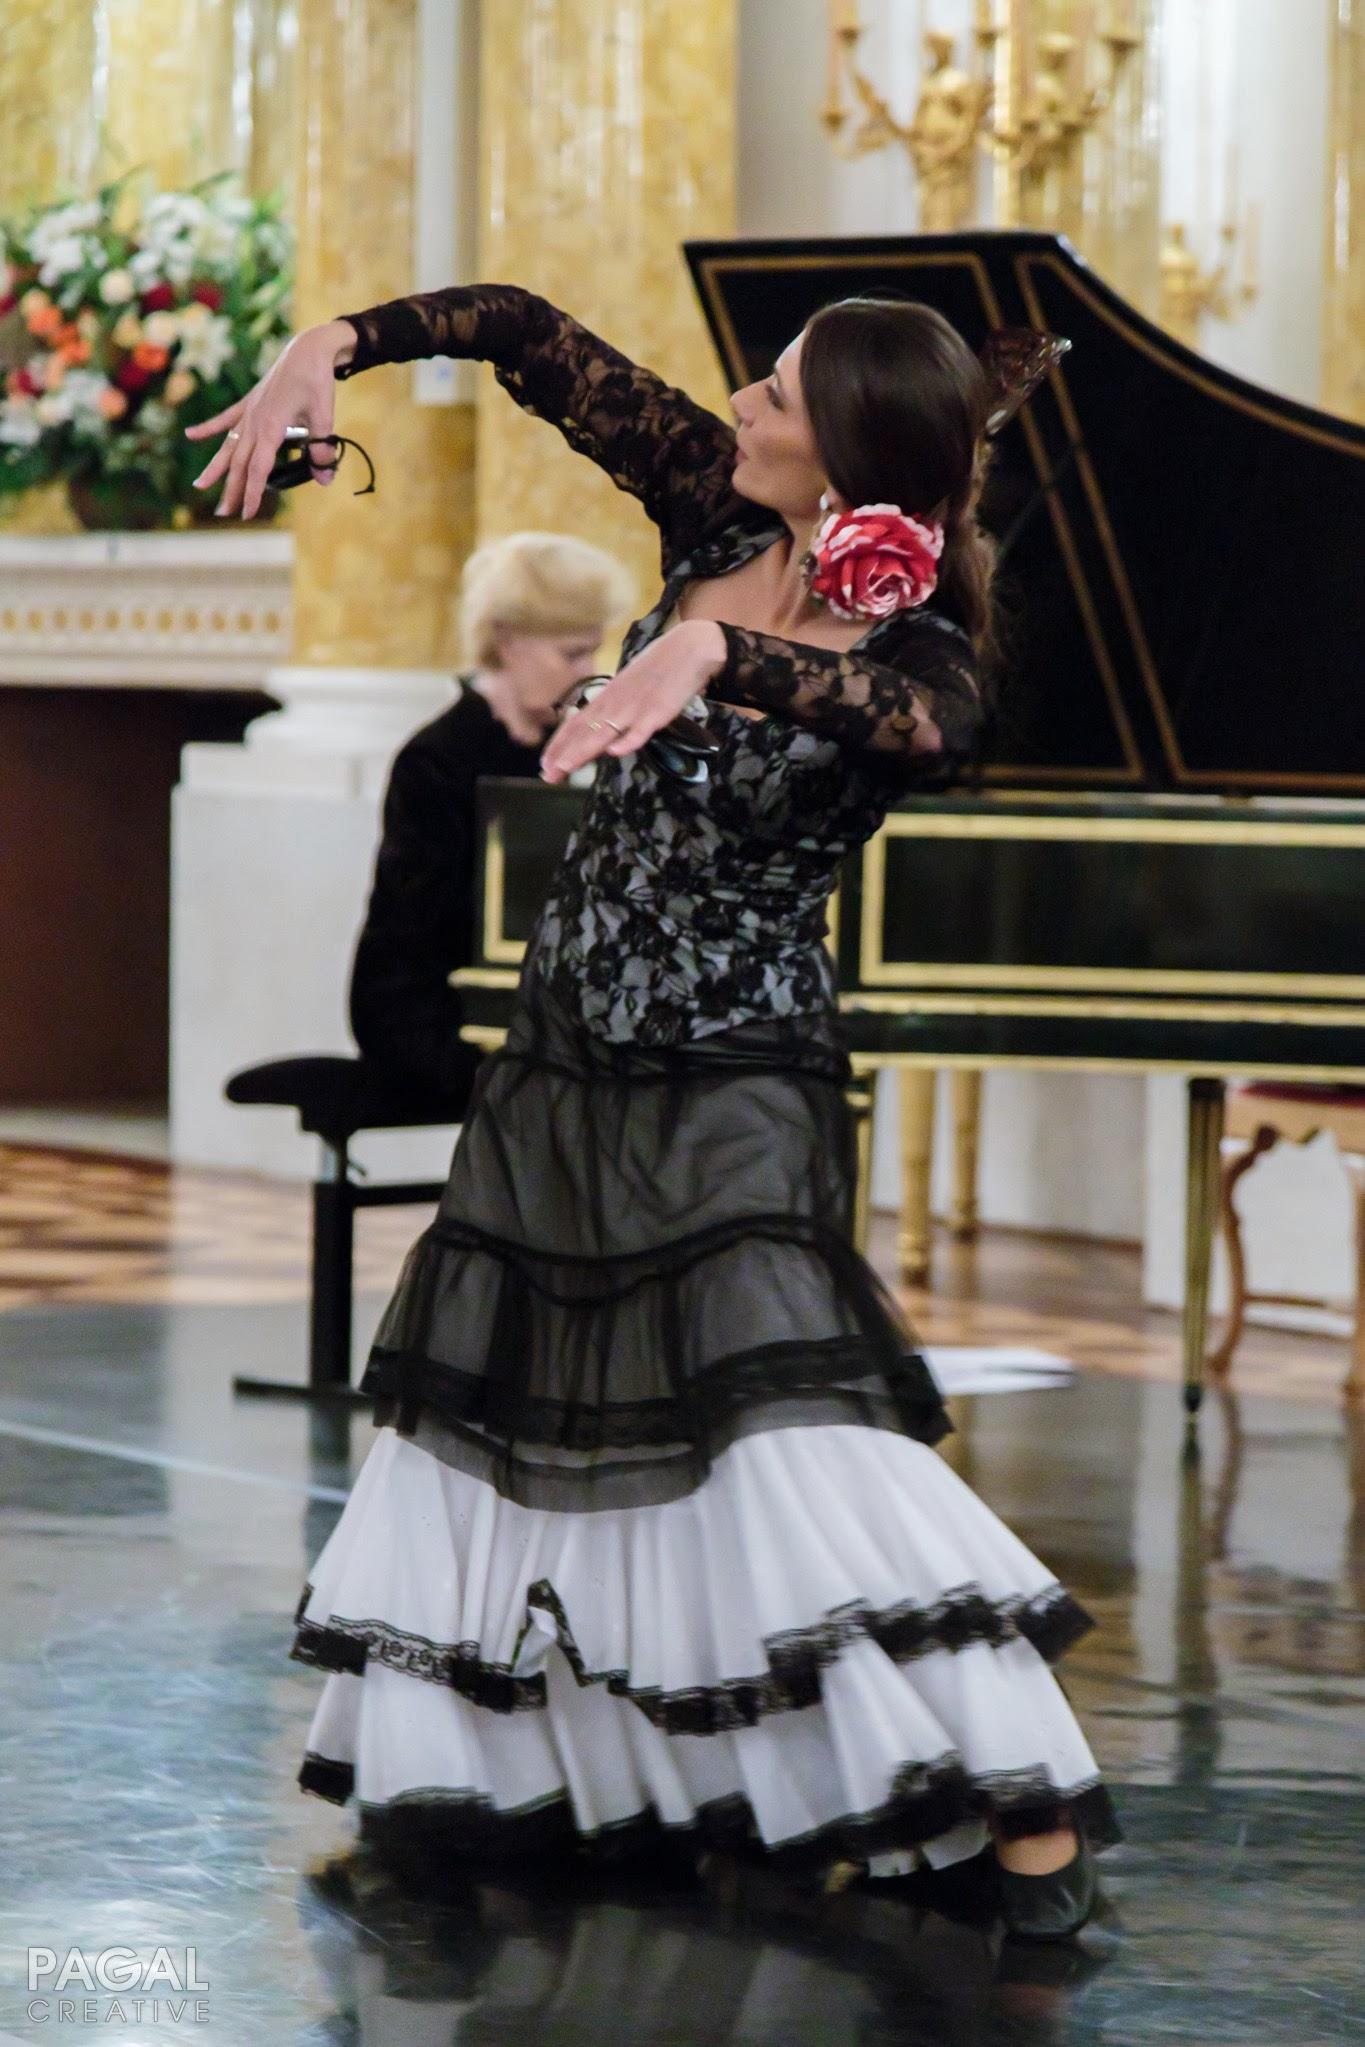 muzyka-i-taniec-wspolne-inspiracje-zrodlo-www-ntf-pl